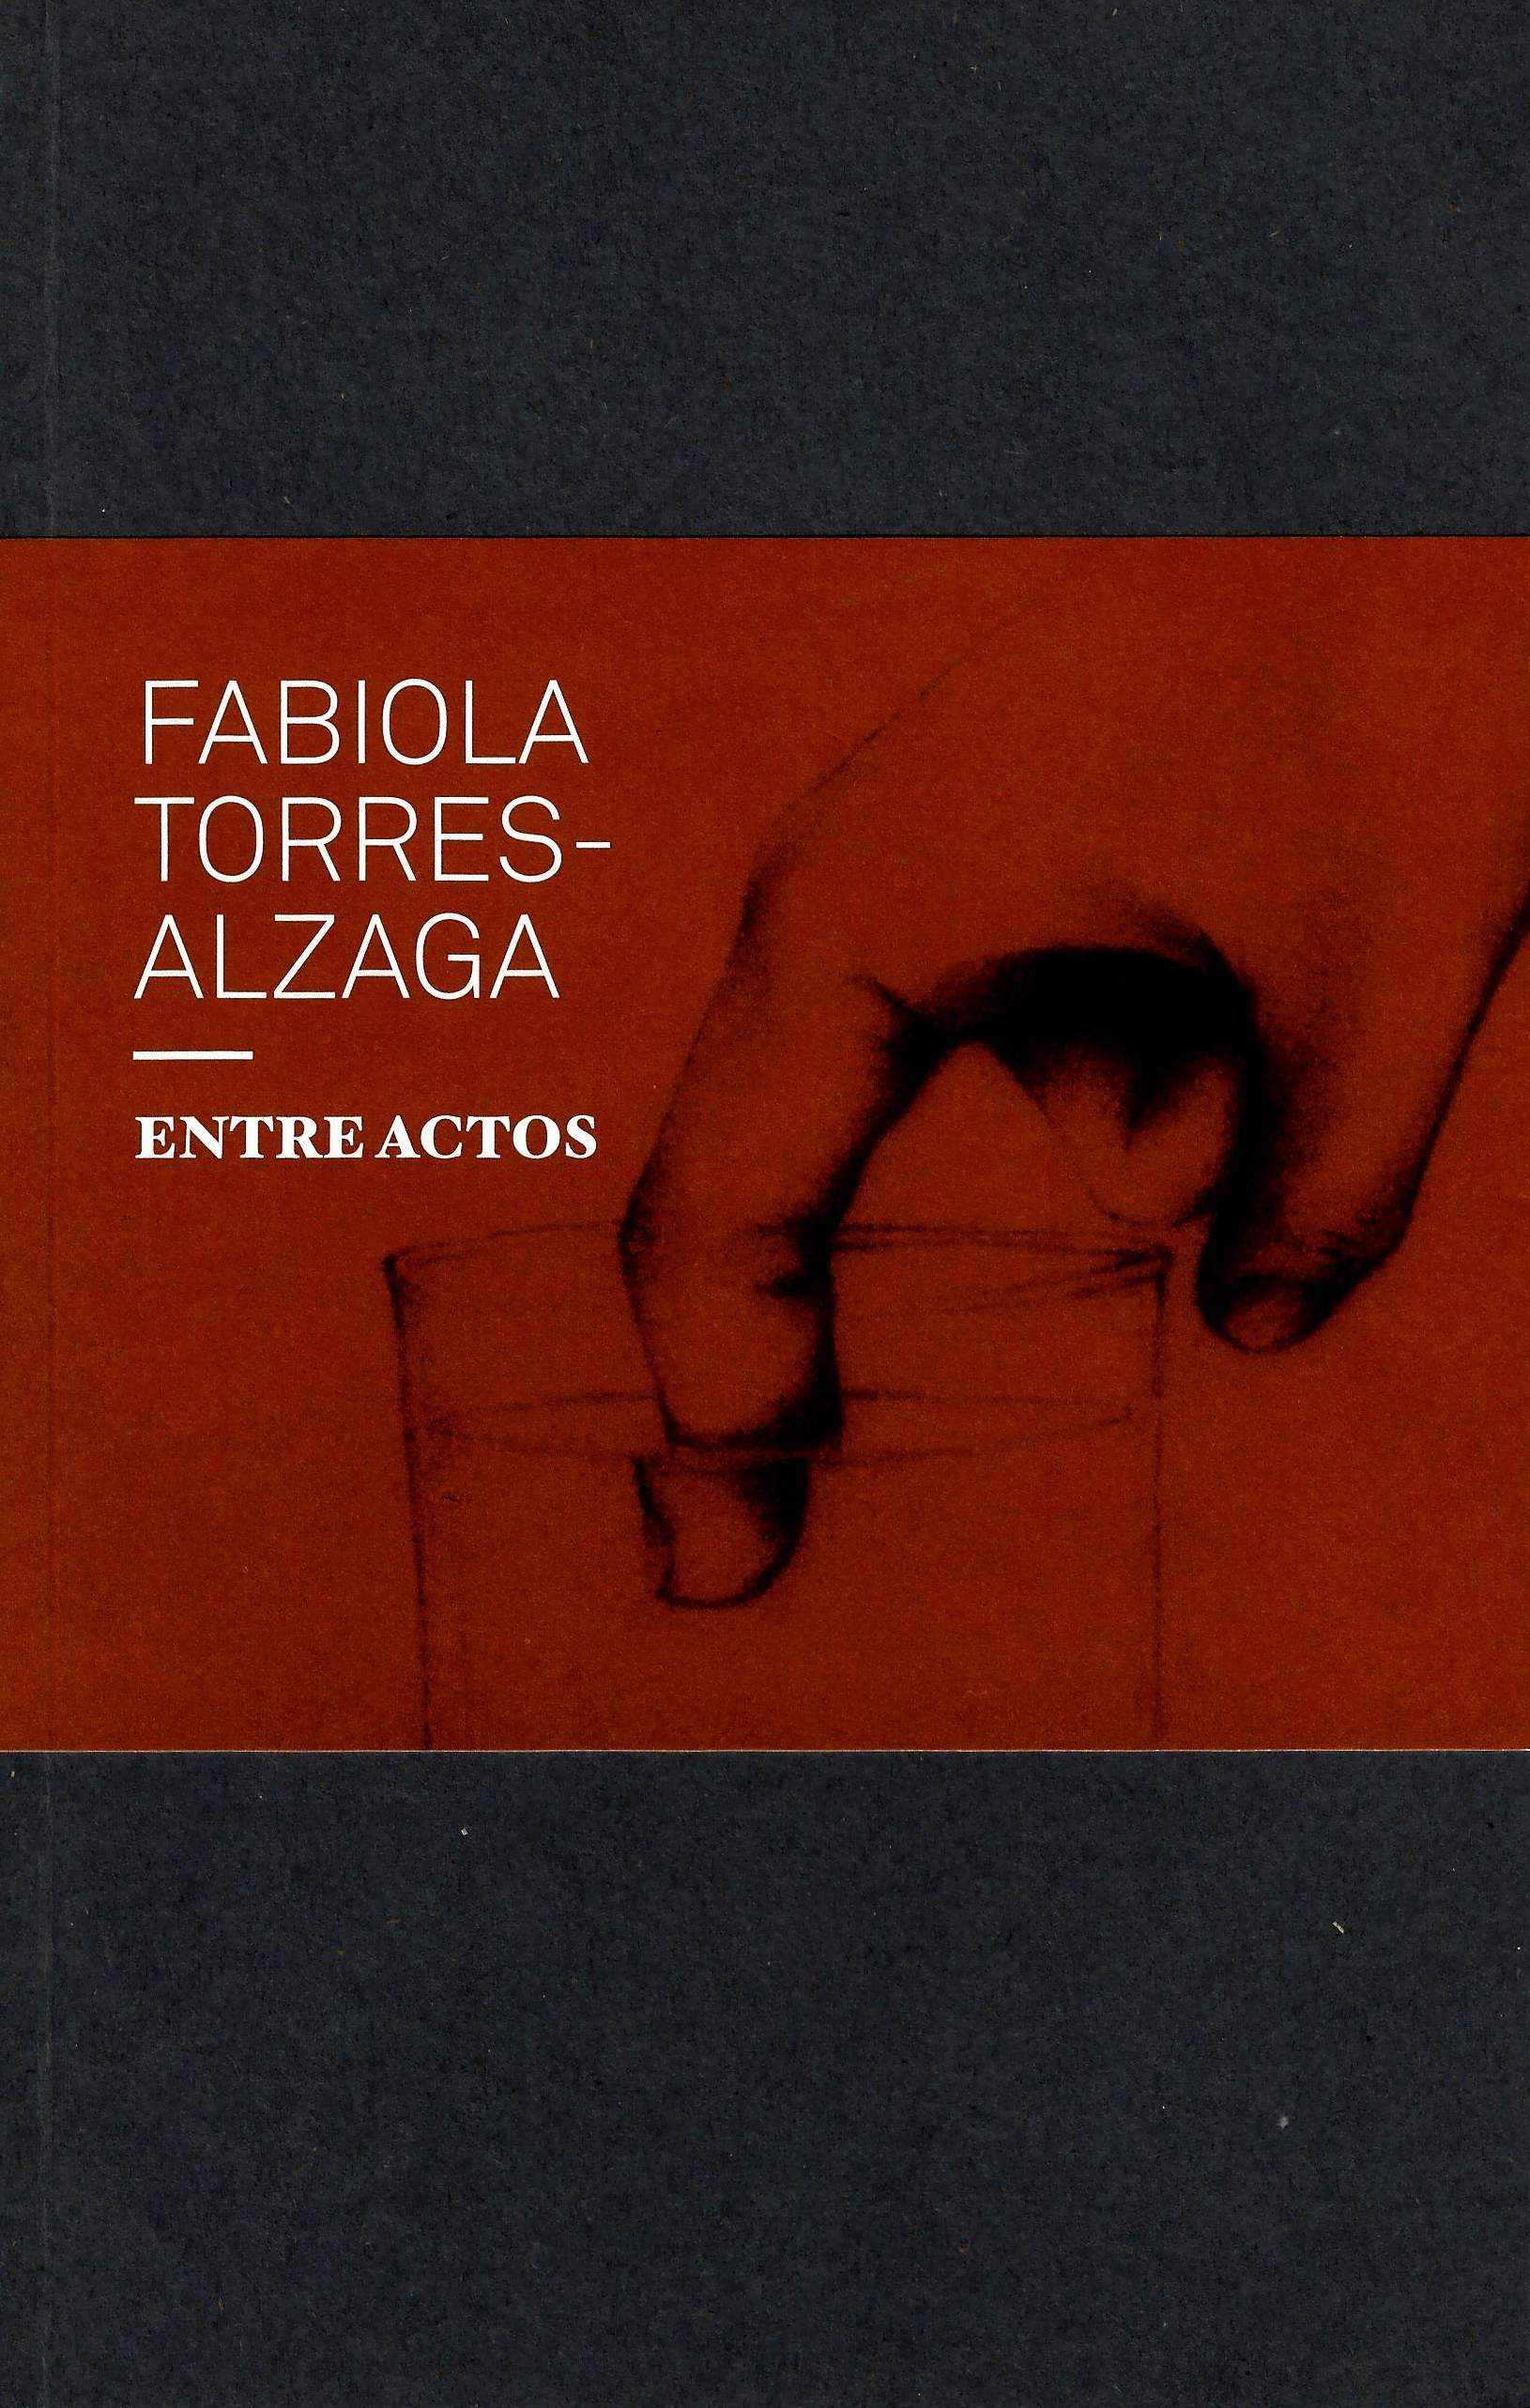 Fabiola Torres-Alzaga. Entre actos